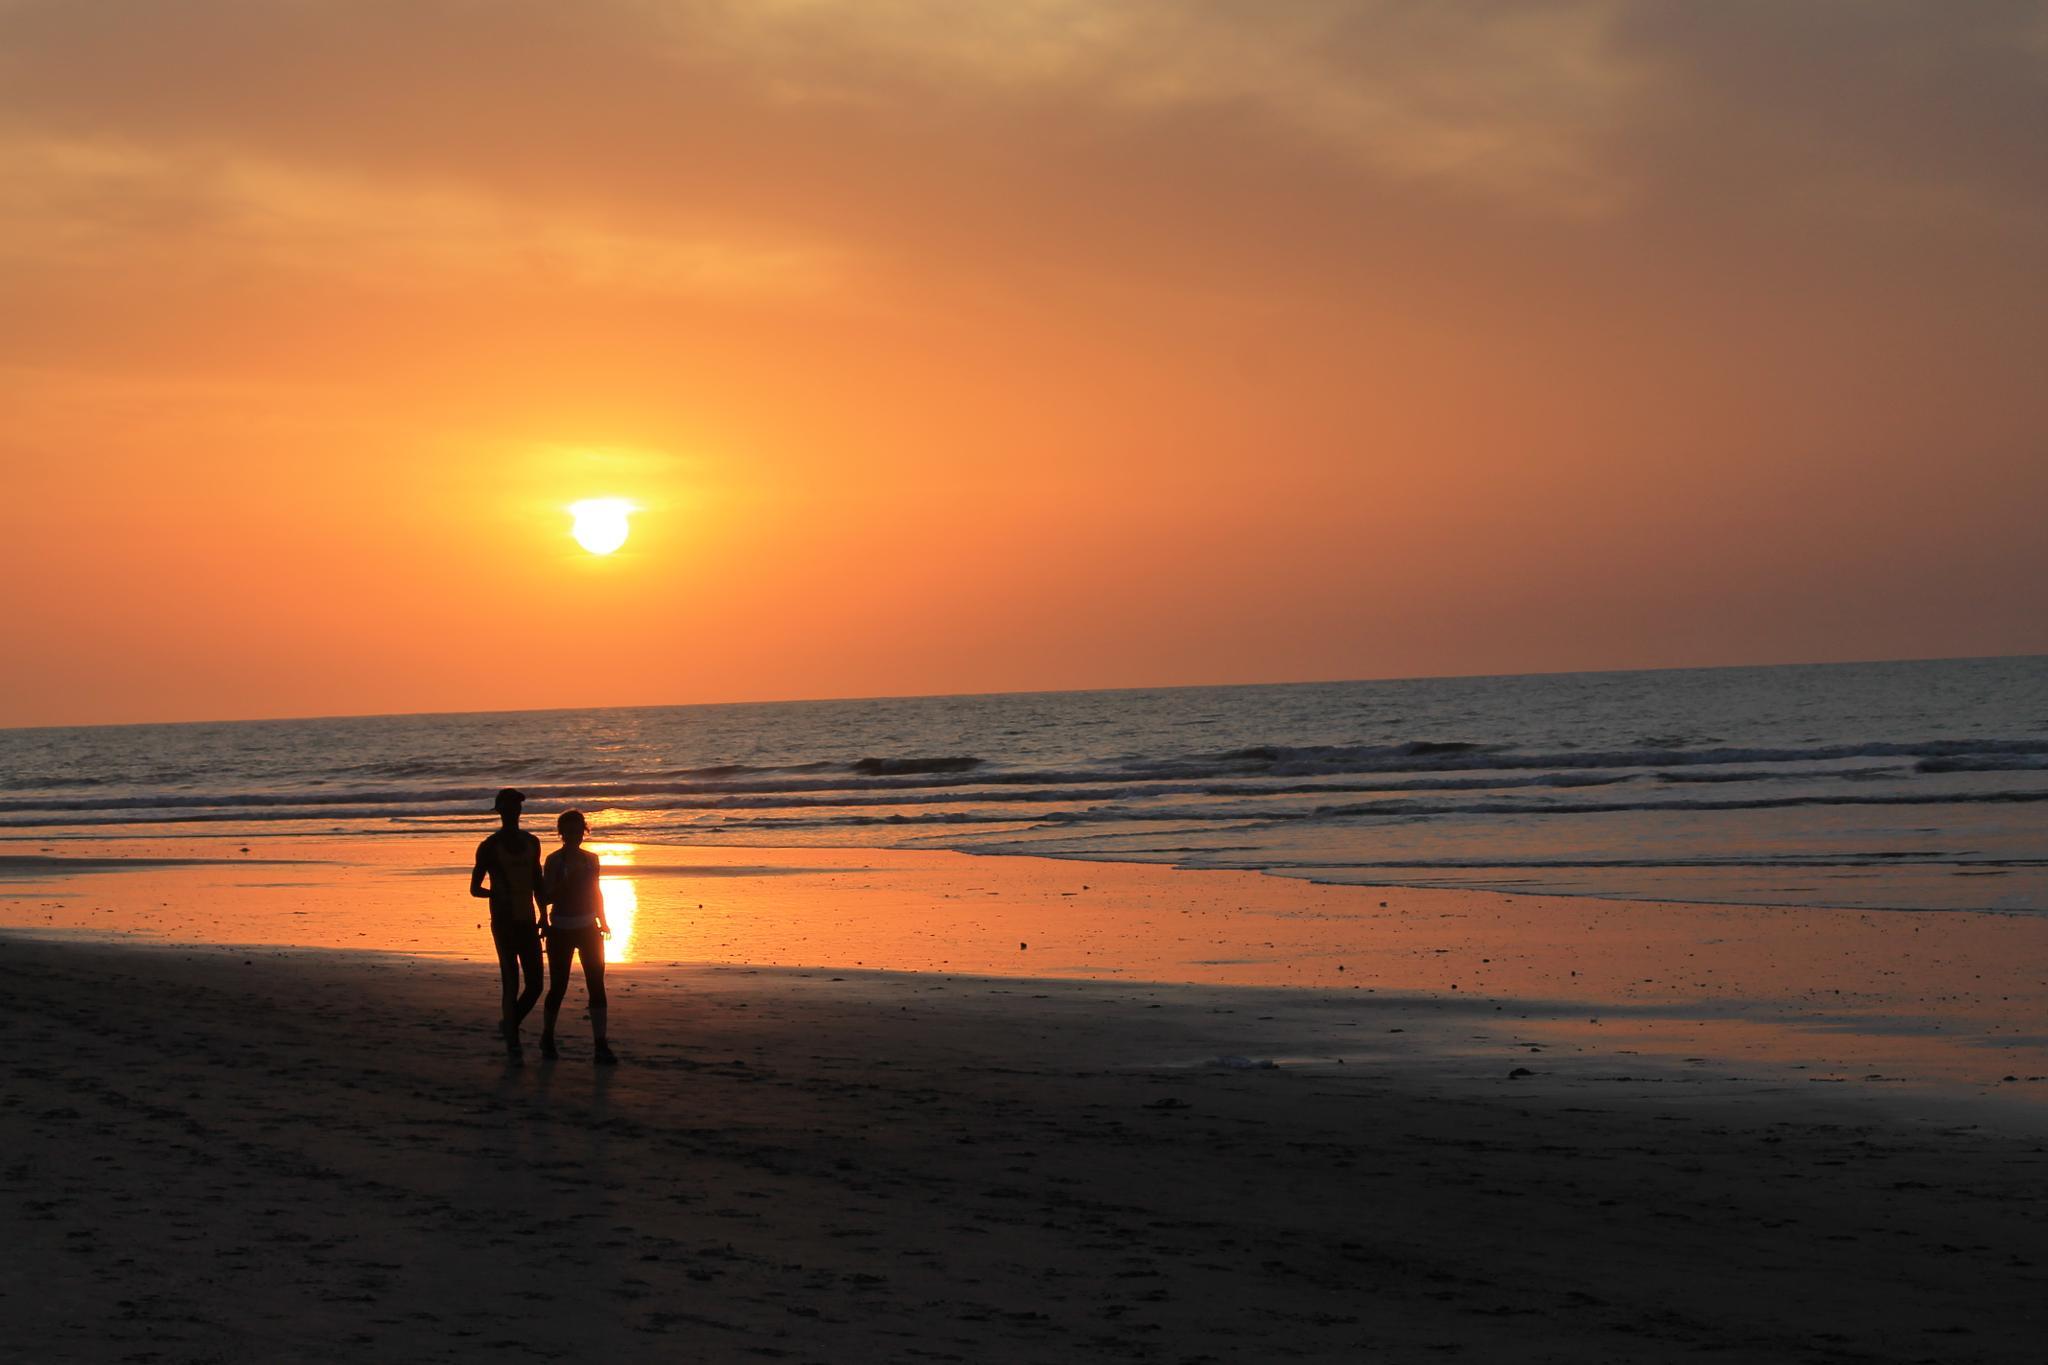 Sunset Gambia by Erica van Dijk